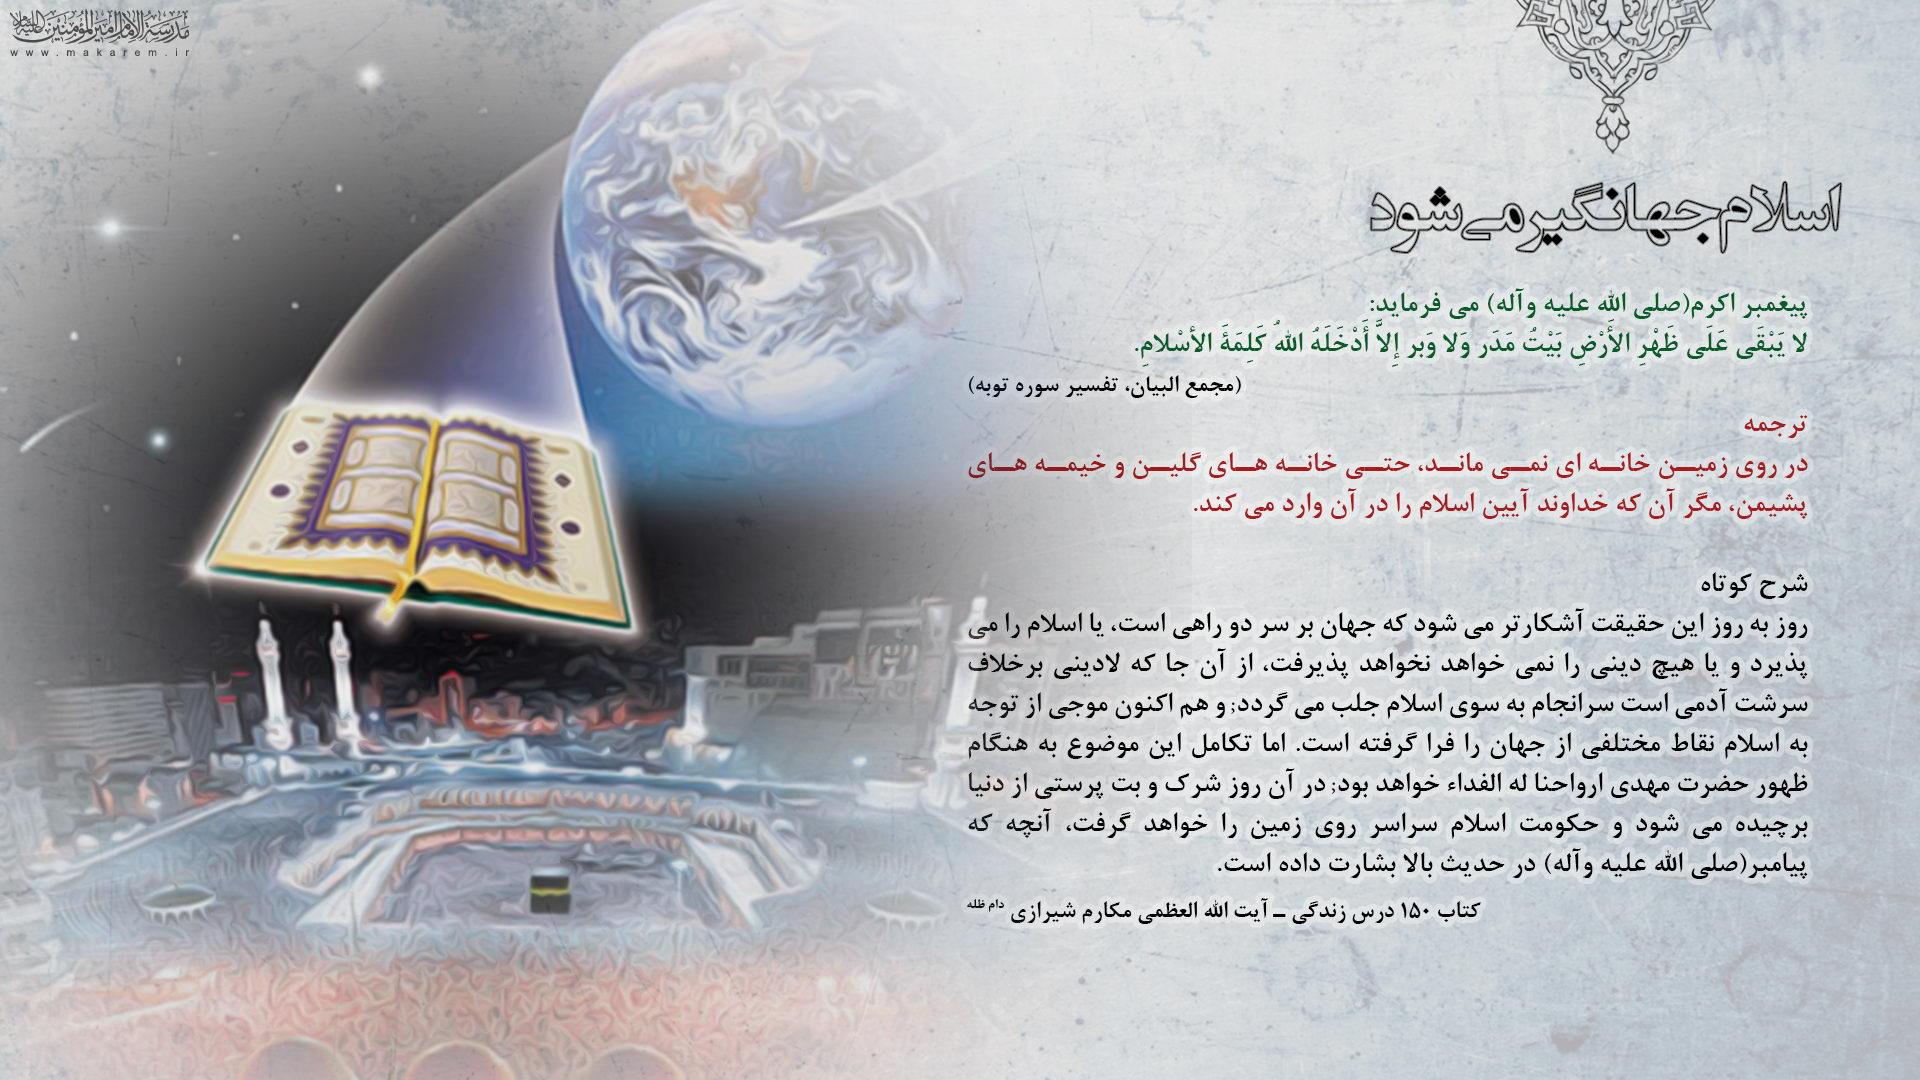 اسلام جهانگیر می شود